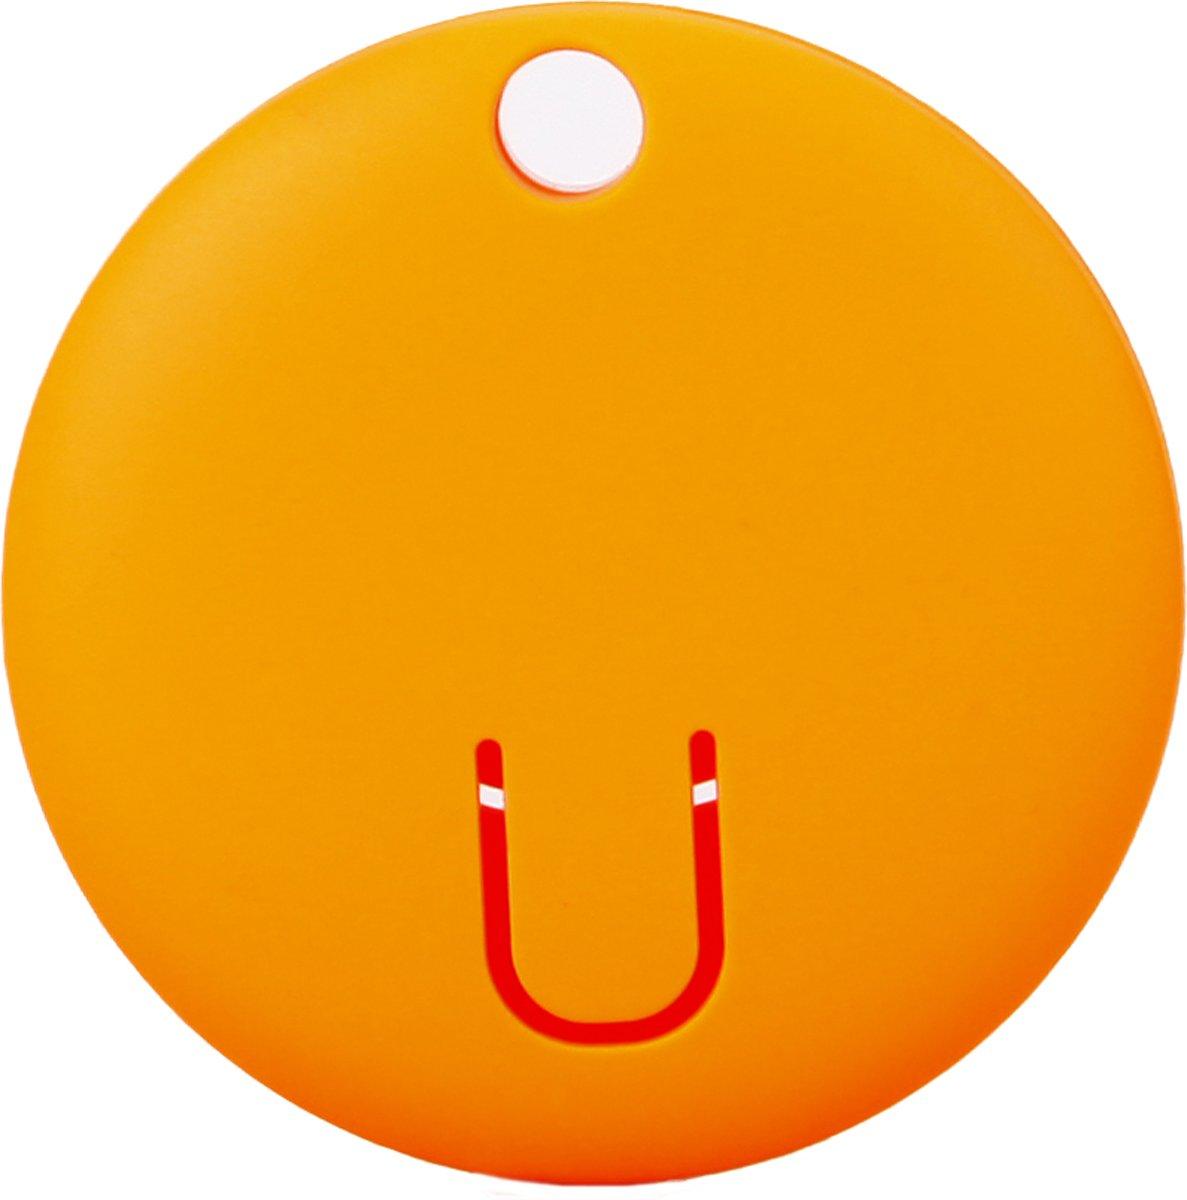 Reptrek Voyage Bluetooth GPS Tracker Sleutelhanger - Oranje